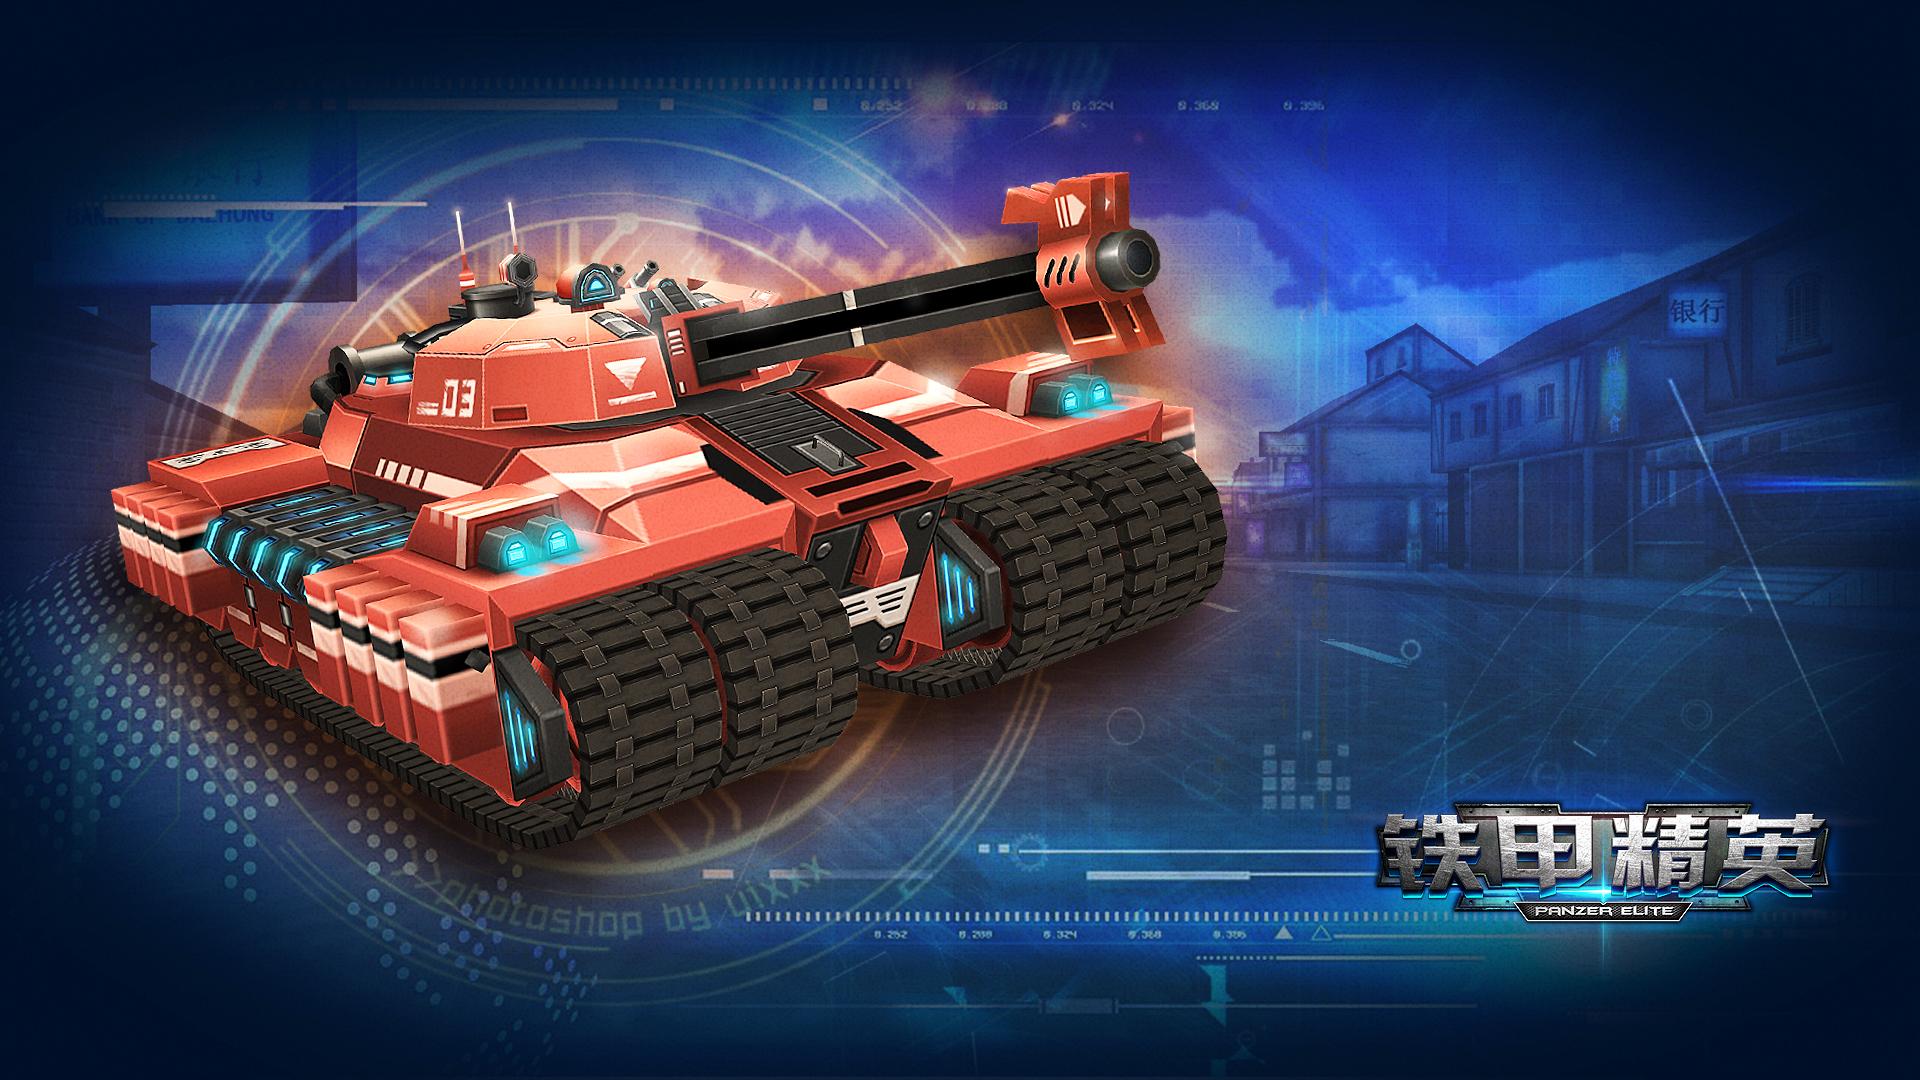 《铁甲精英》游戏壁纸